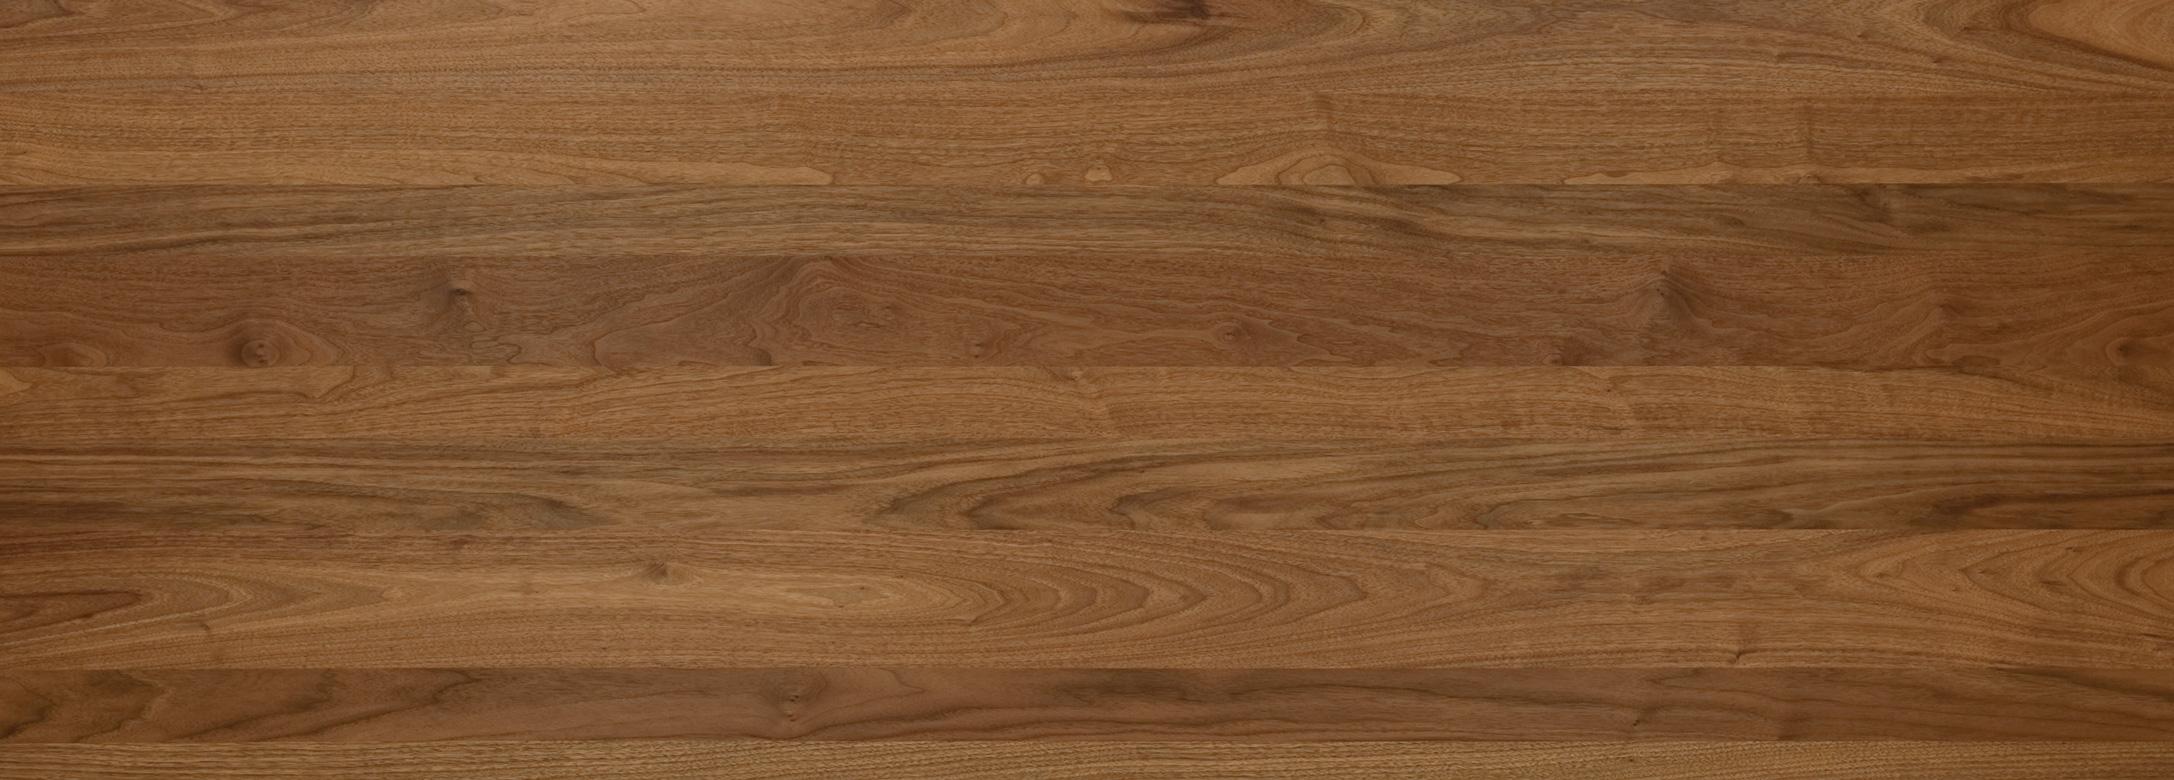 plank-walnut_8009930854_o